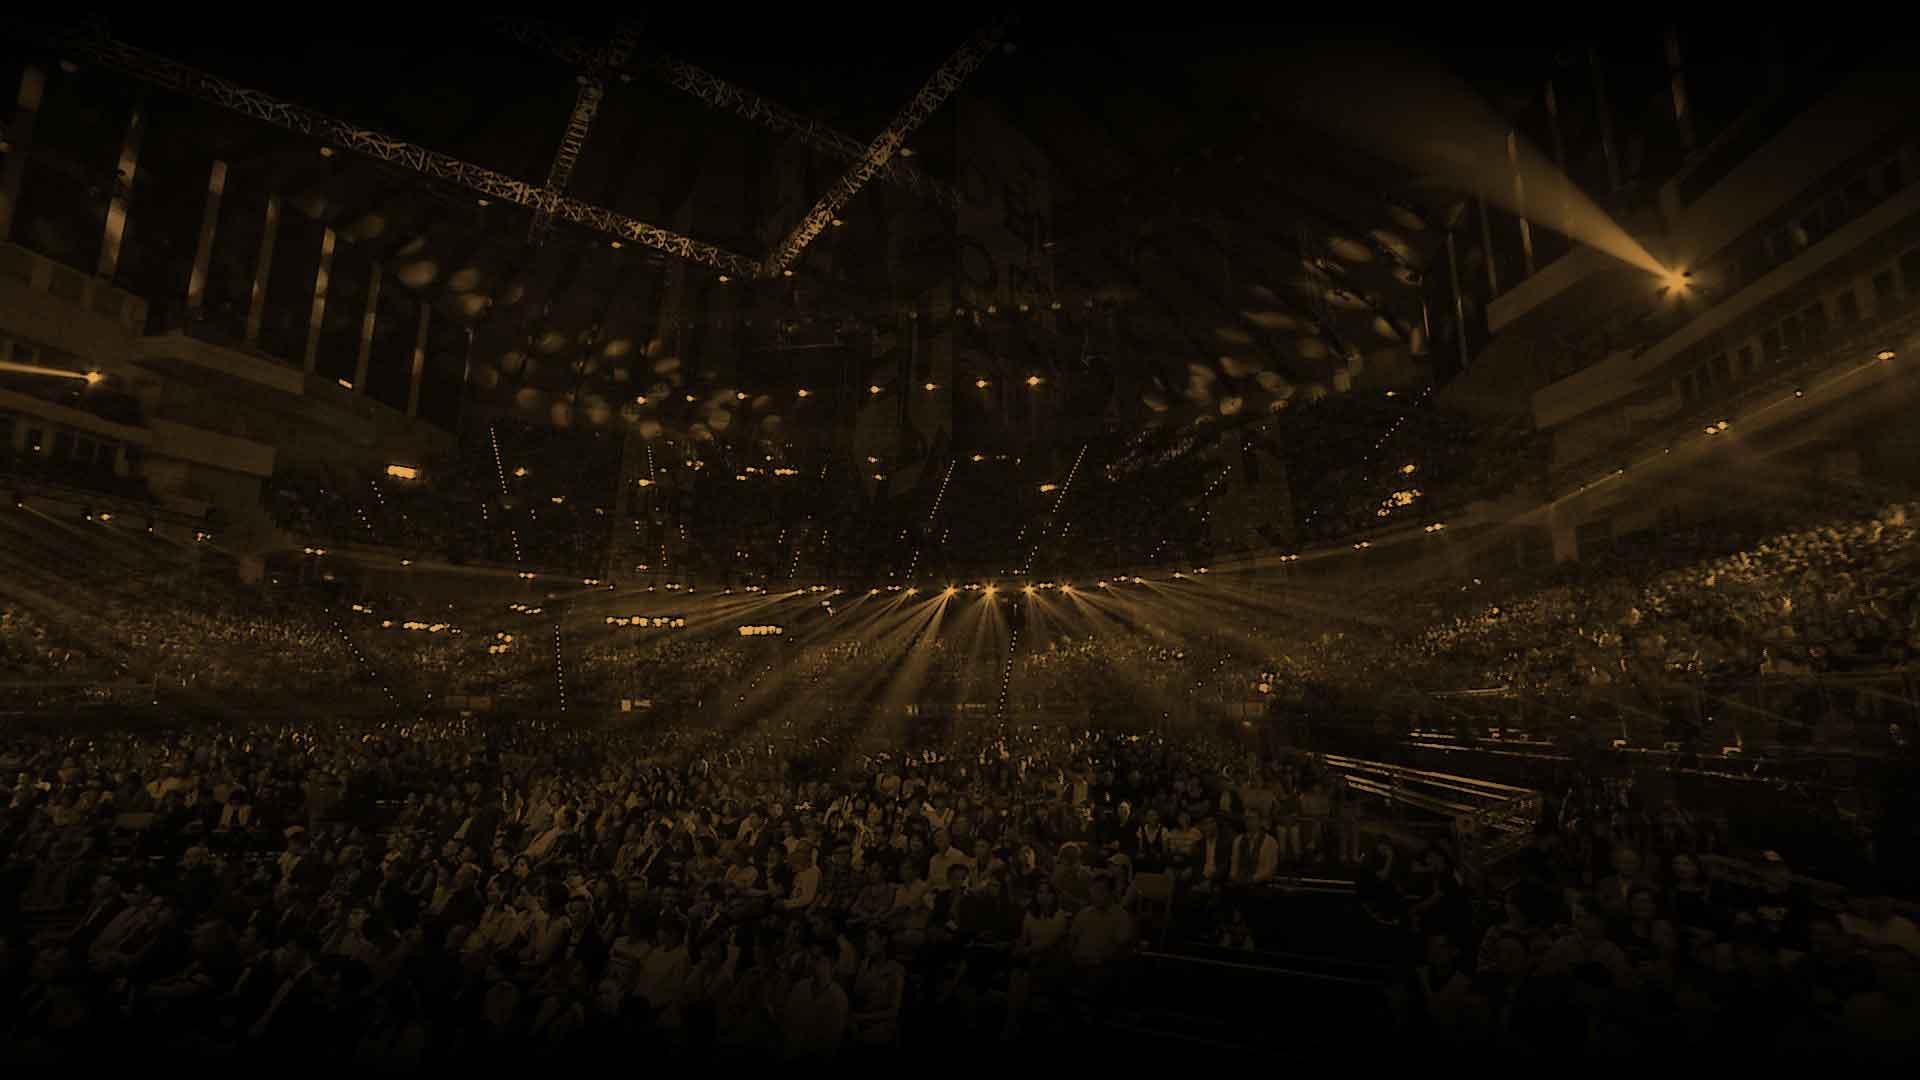 第30屆金曲獎入圍名單公布,今年評審團由資深音樂人陳珊妮擔任,揭獎嘉賓則由歌手戴佩妮、黃妃、桑布伊、樂團玖壹壹、茄子蛋擔任。